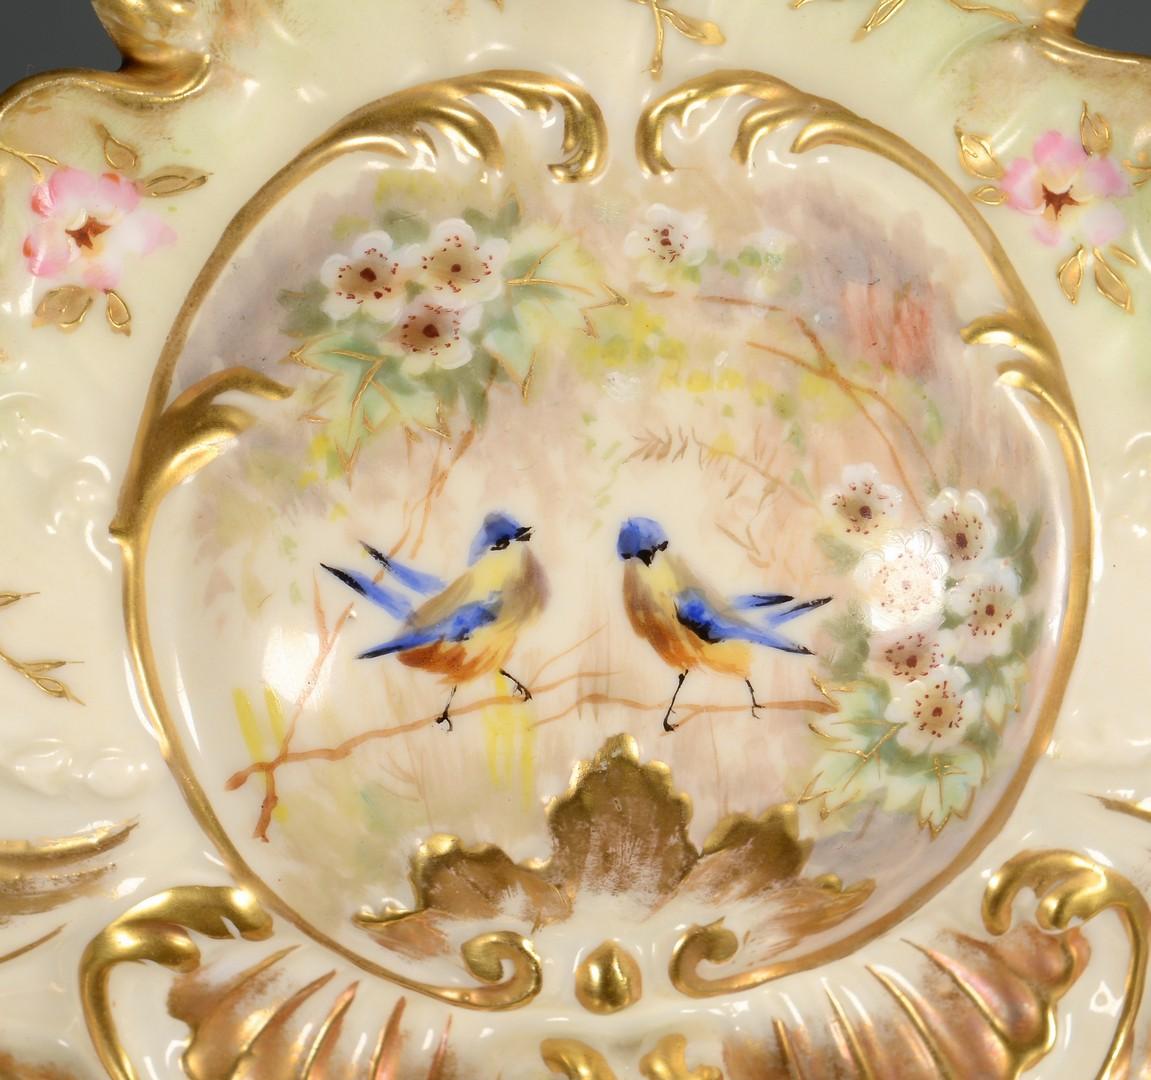 Lot 456: German Porcelain Centerpiece Bowl